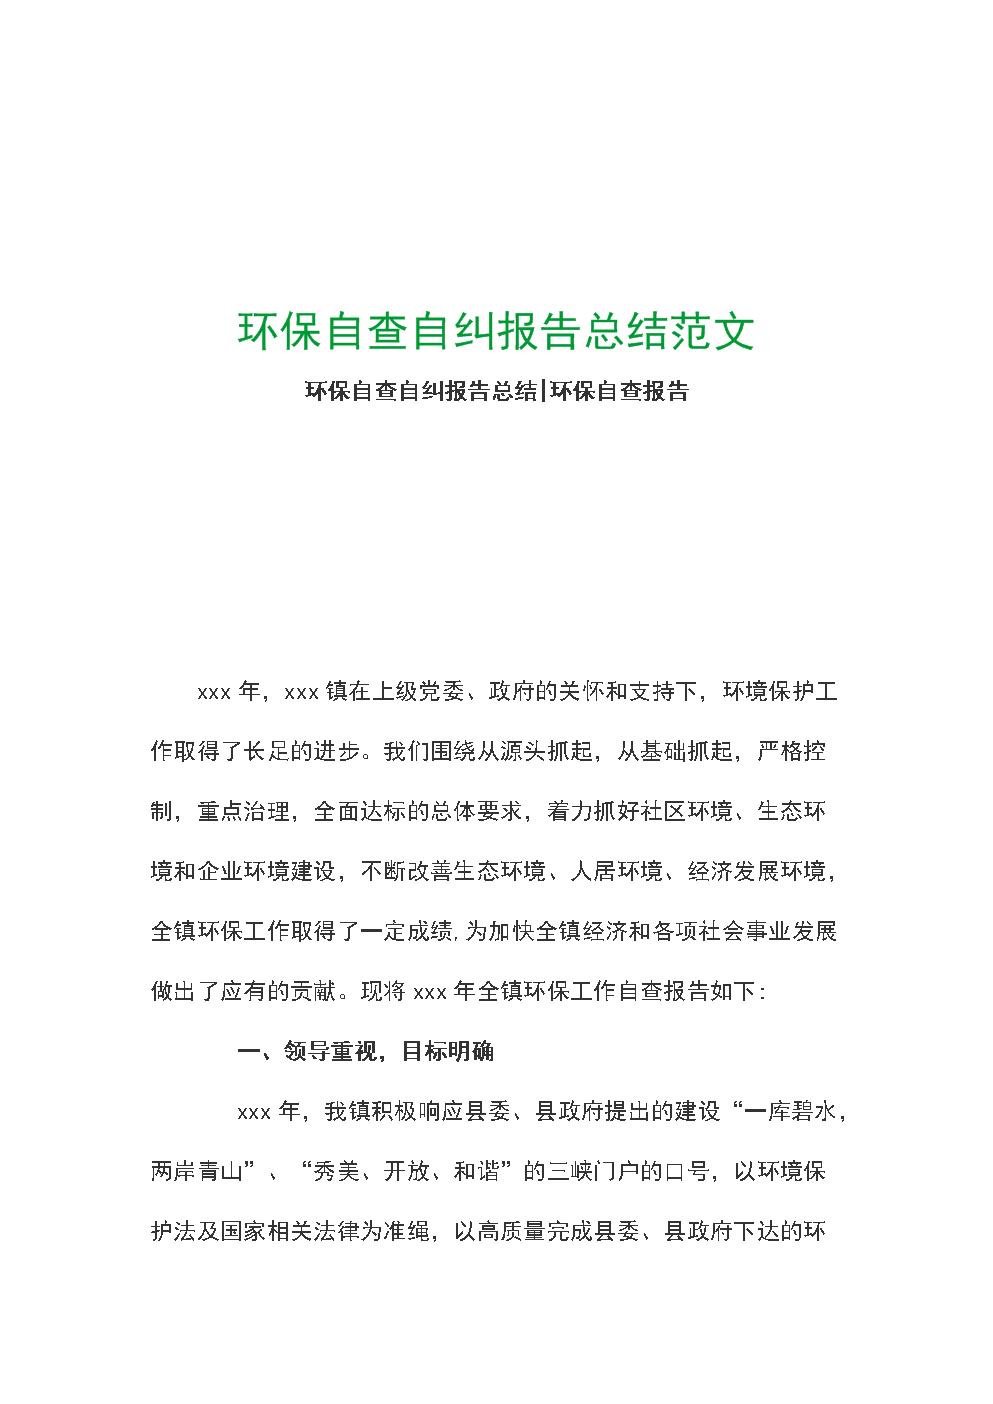 环保自查自纠报告总结范文.docx